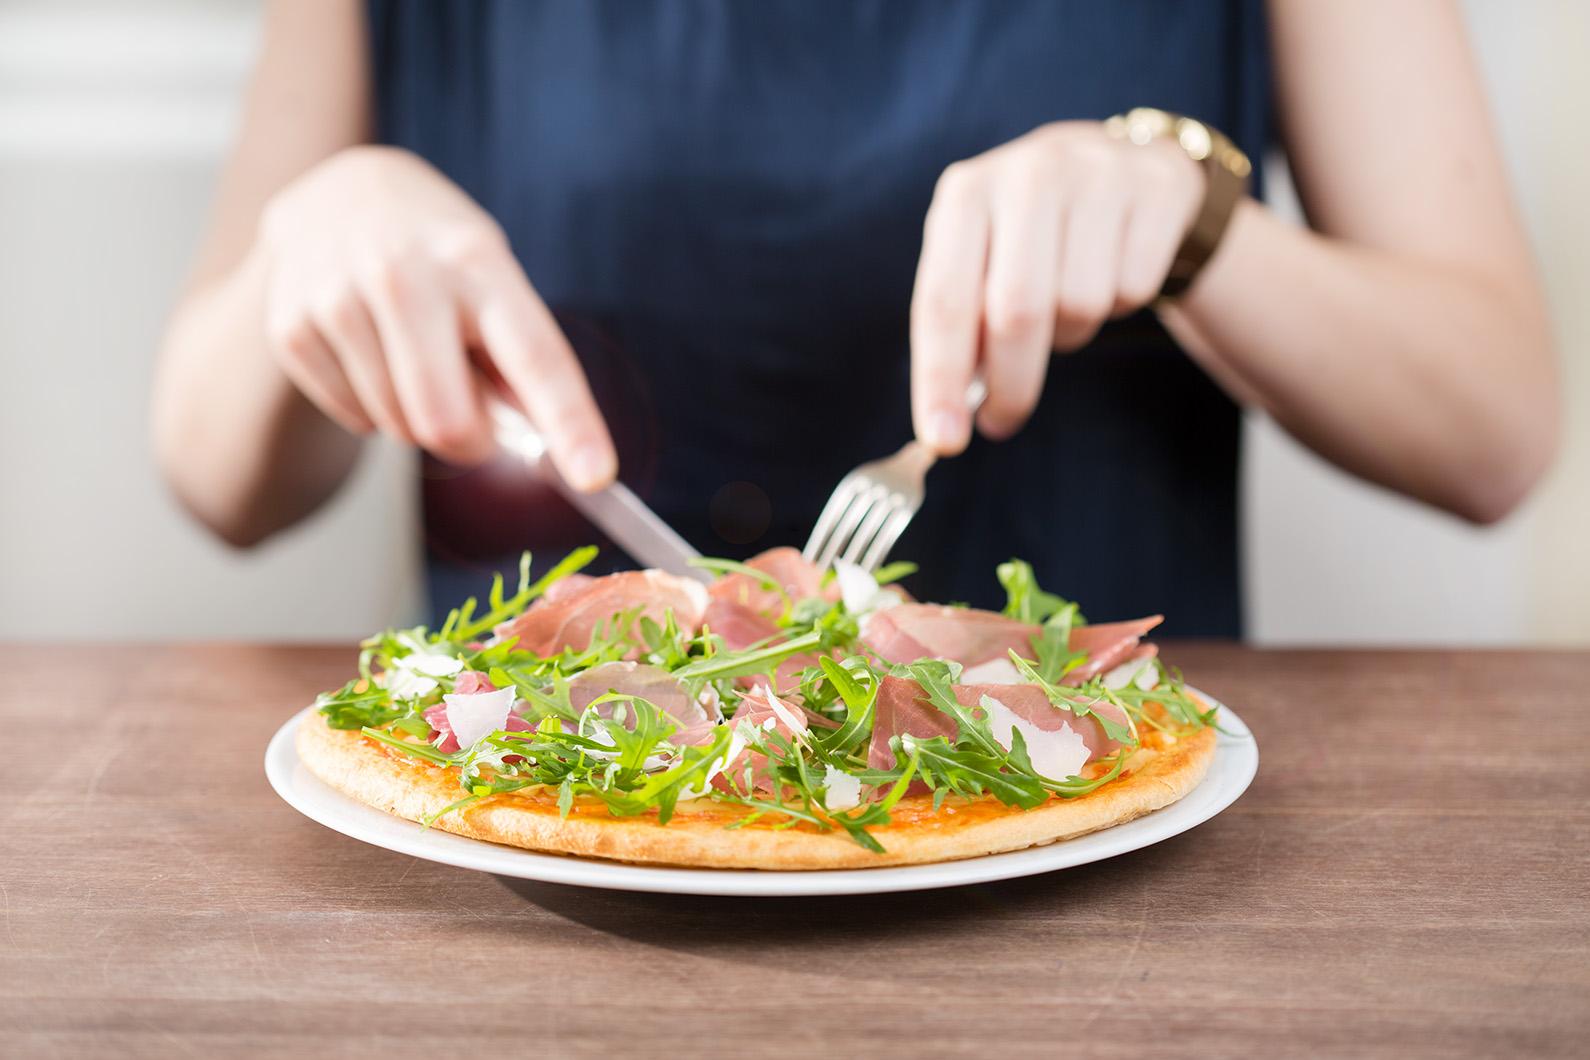 Fotos de MUNDFEIN Pizzawerkstatt Braunschweig